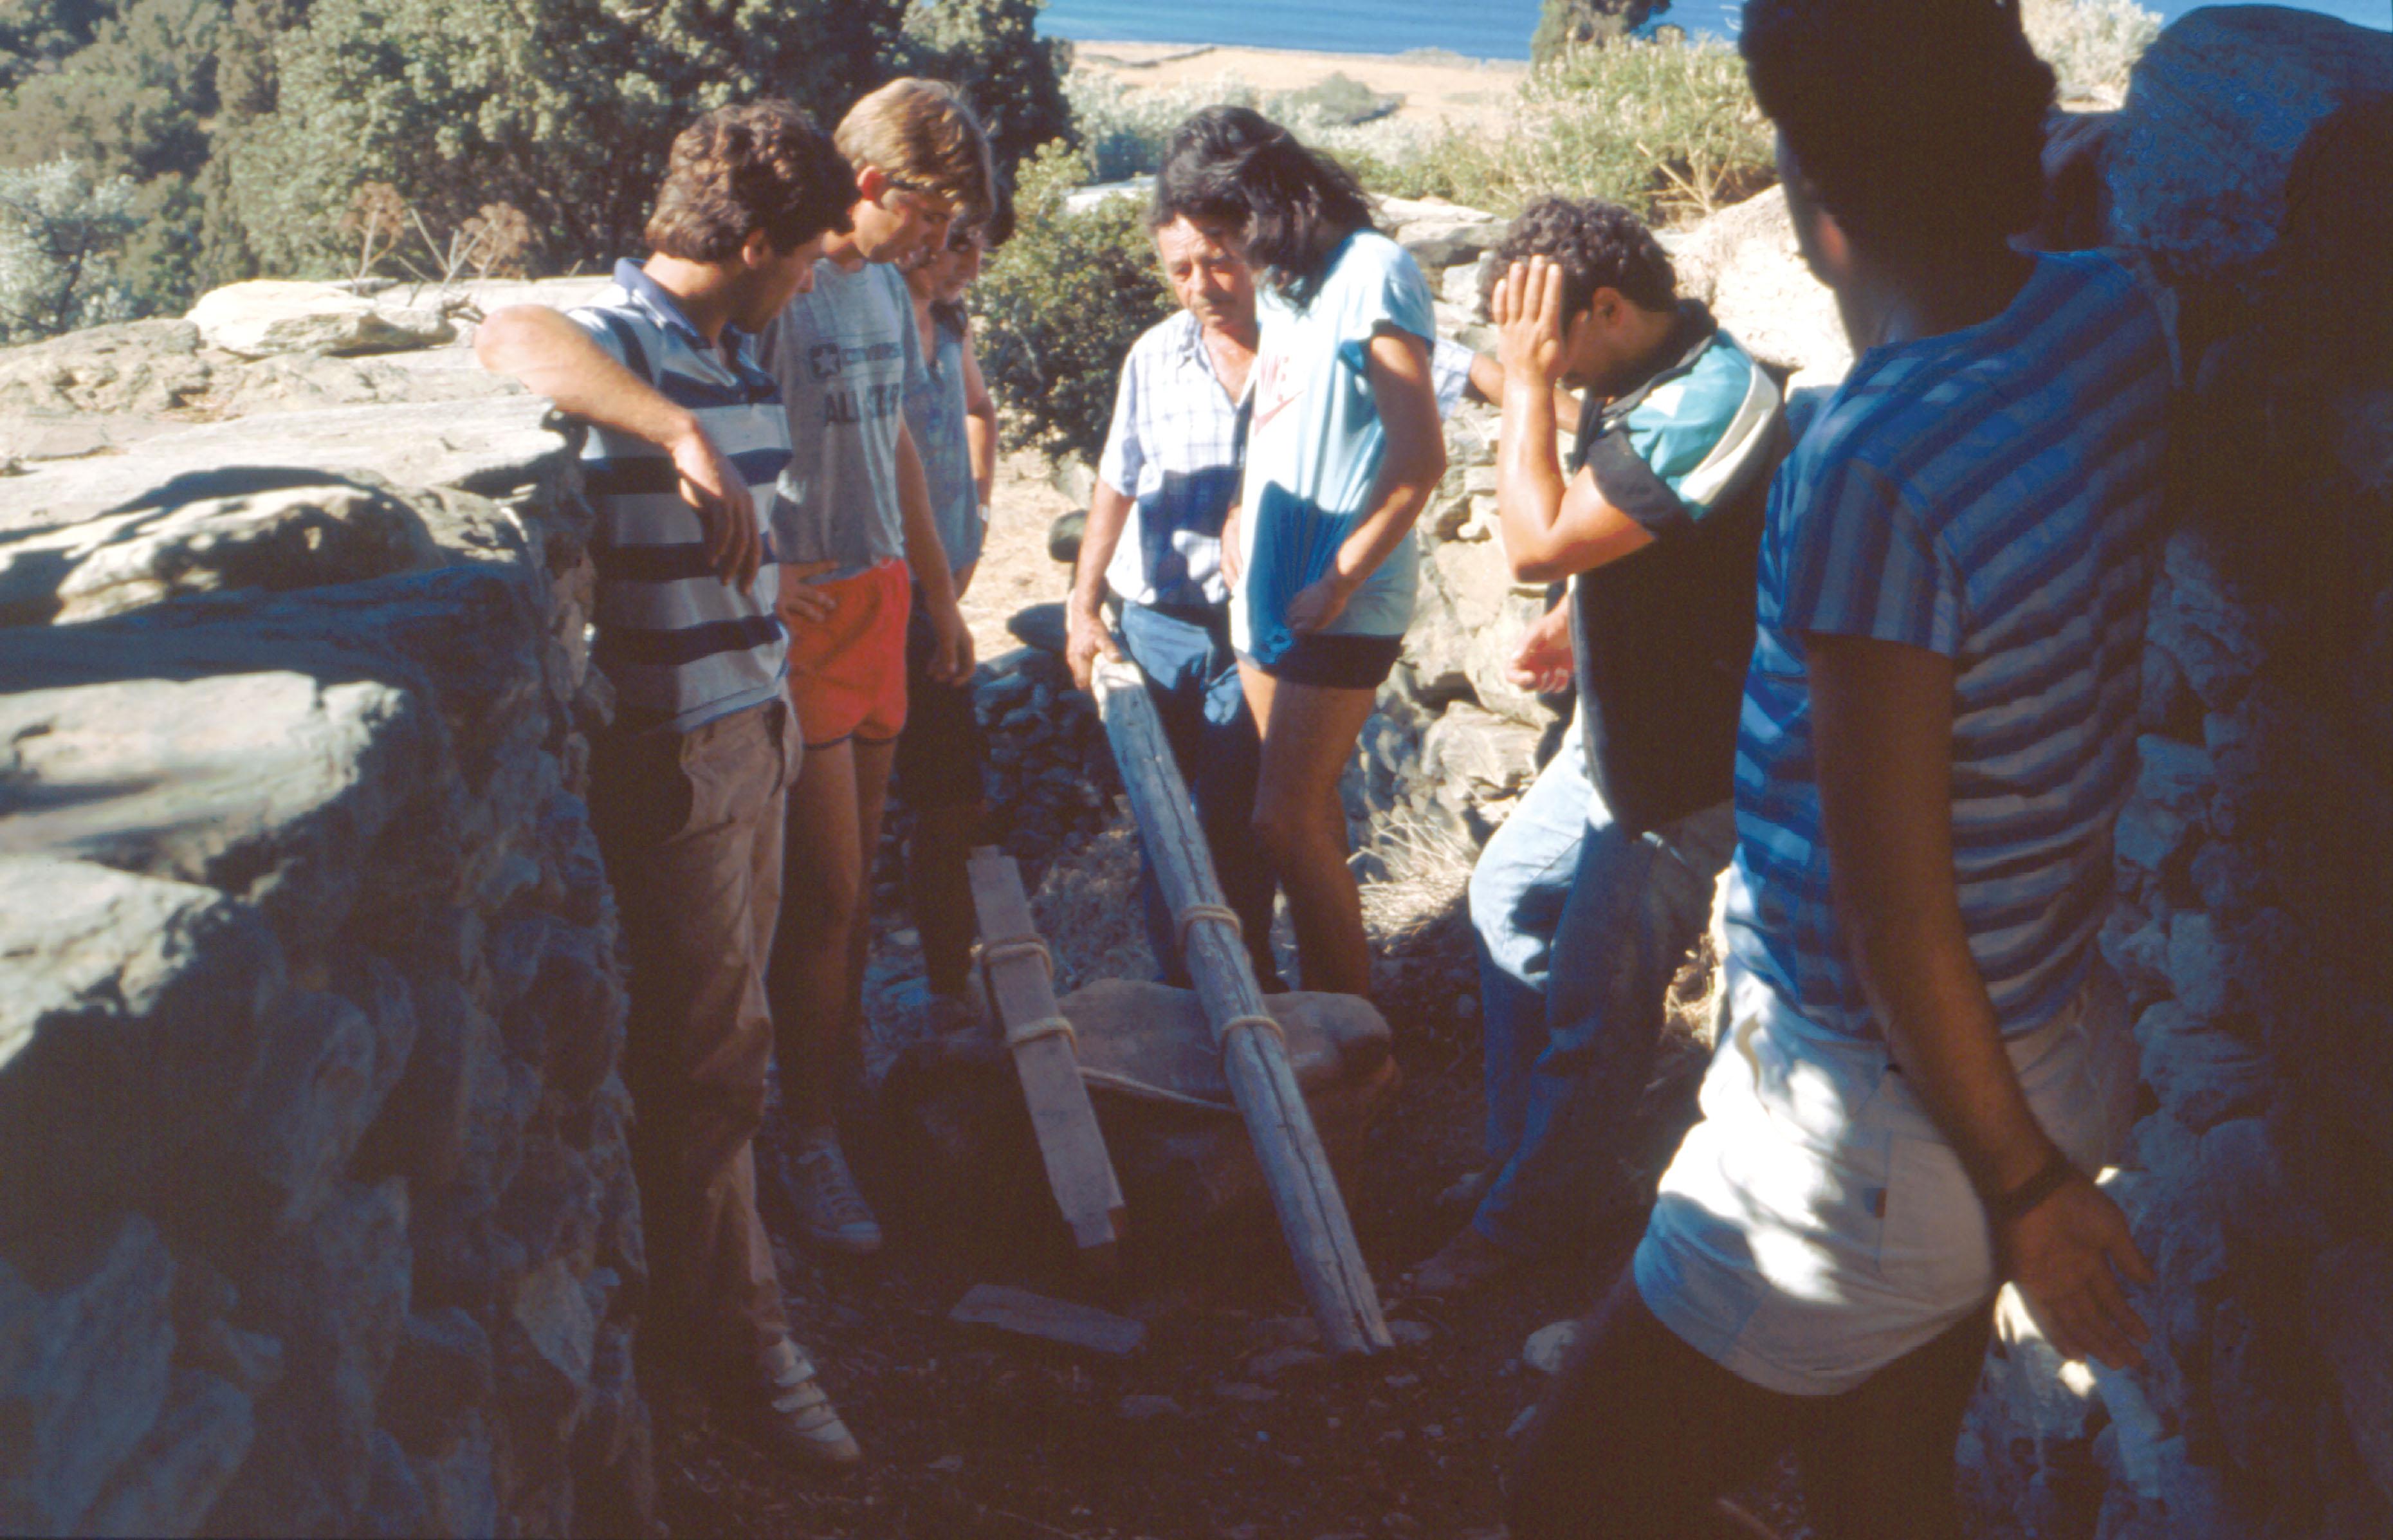 Επιφανειακή έρευνα. Μεταφορά του ακρωτηρίου του ναού του Απόλλωνος, με τον Πήγασο και τον Βελλερεφόν